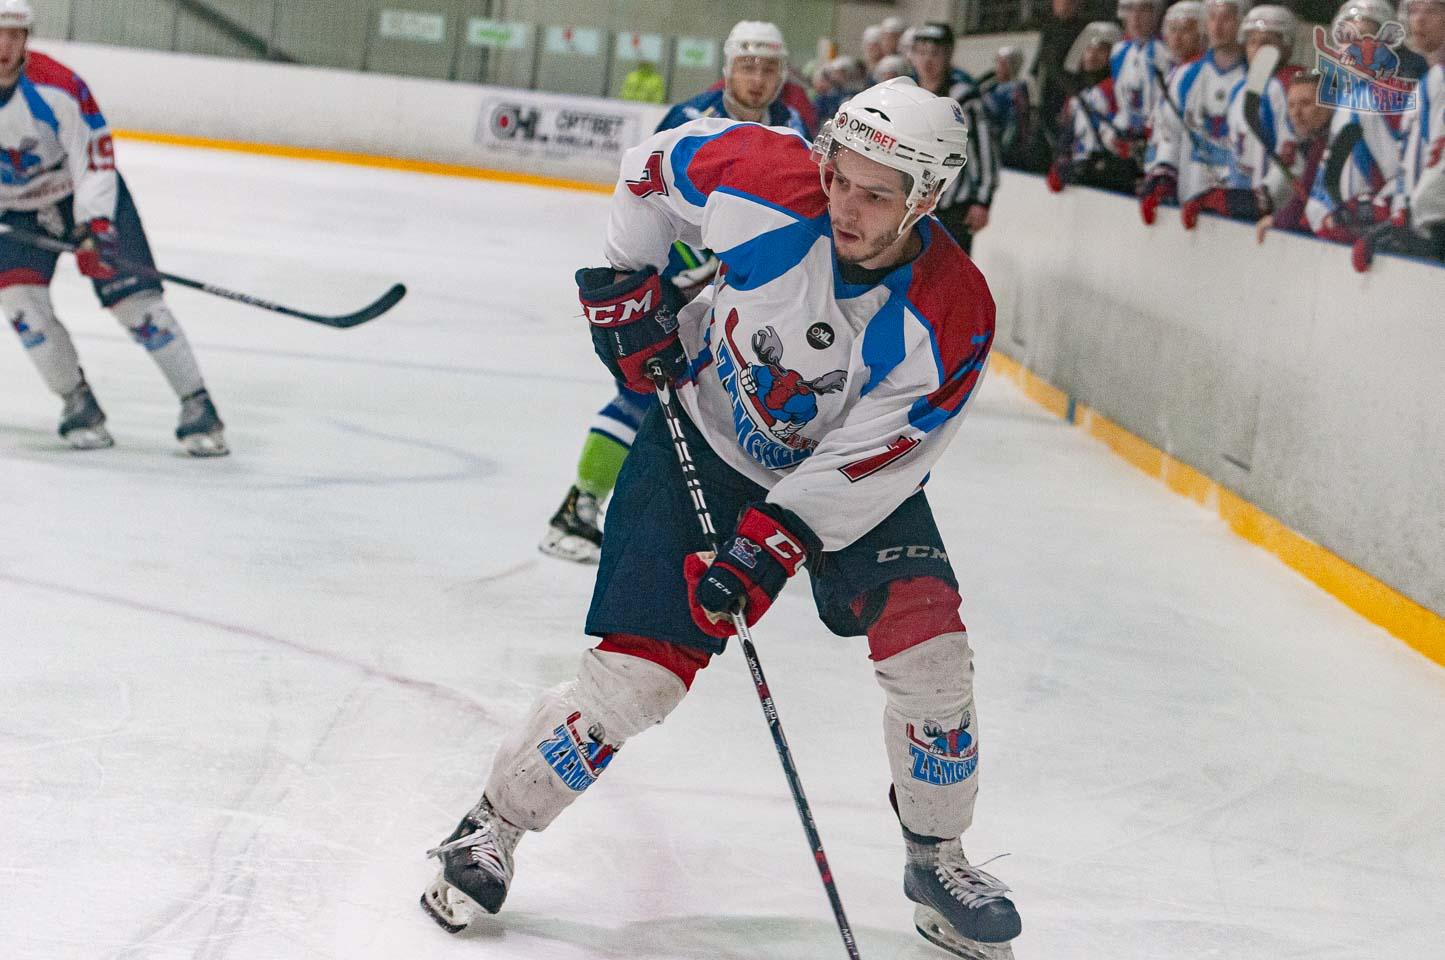 Hokeja uzbrucējs kura slidojumu aizmugurē vēro komanda no soliņa